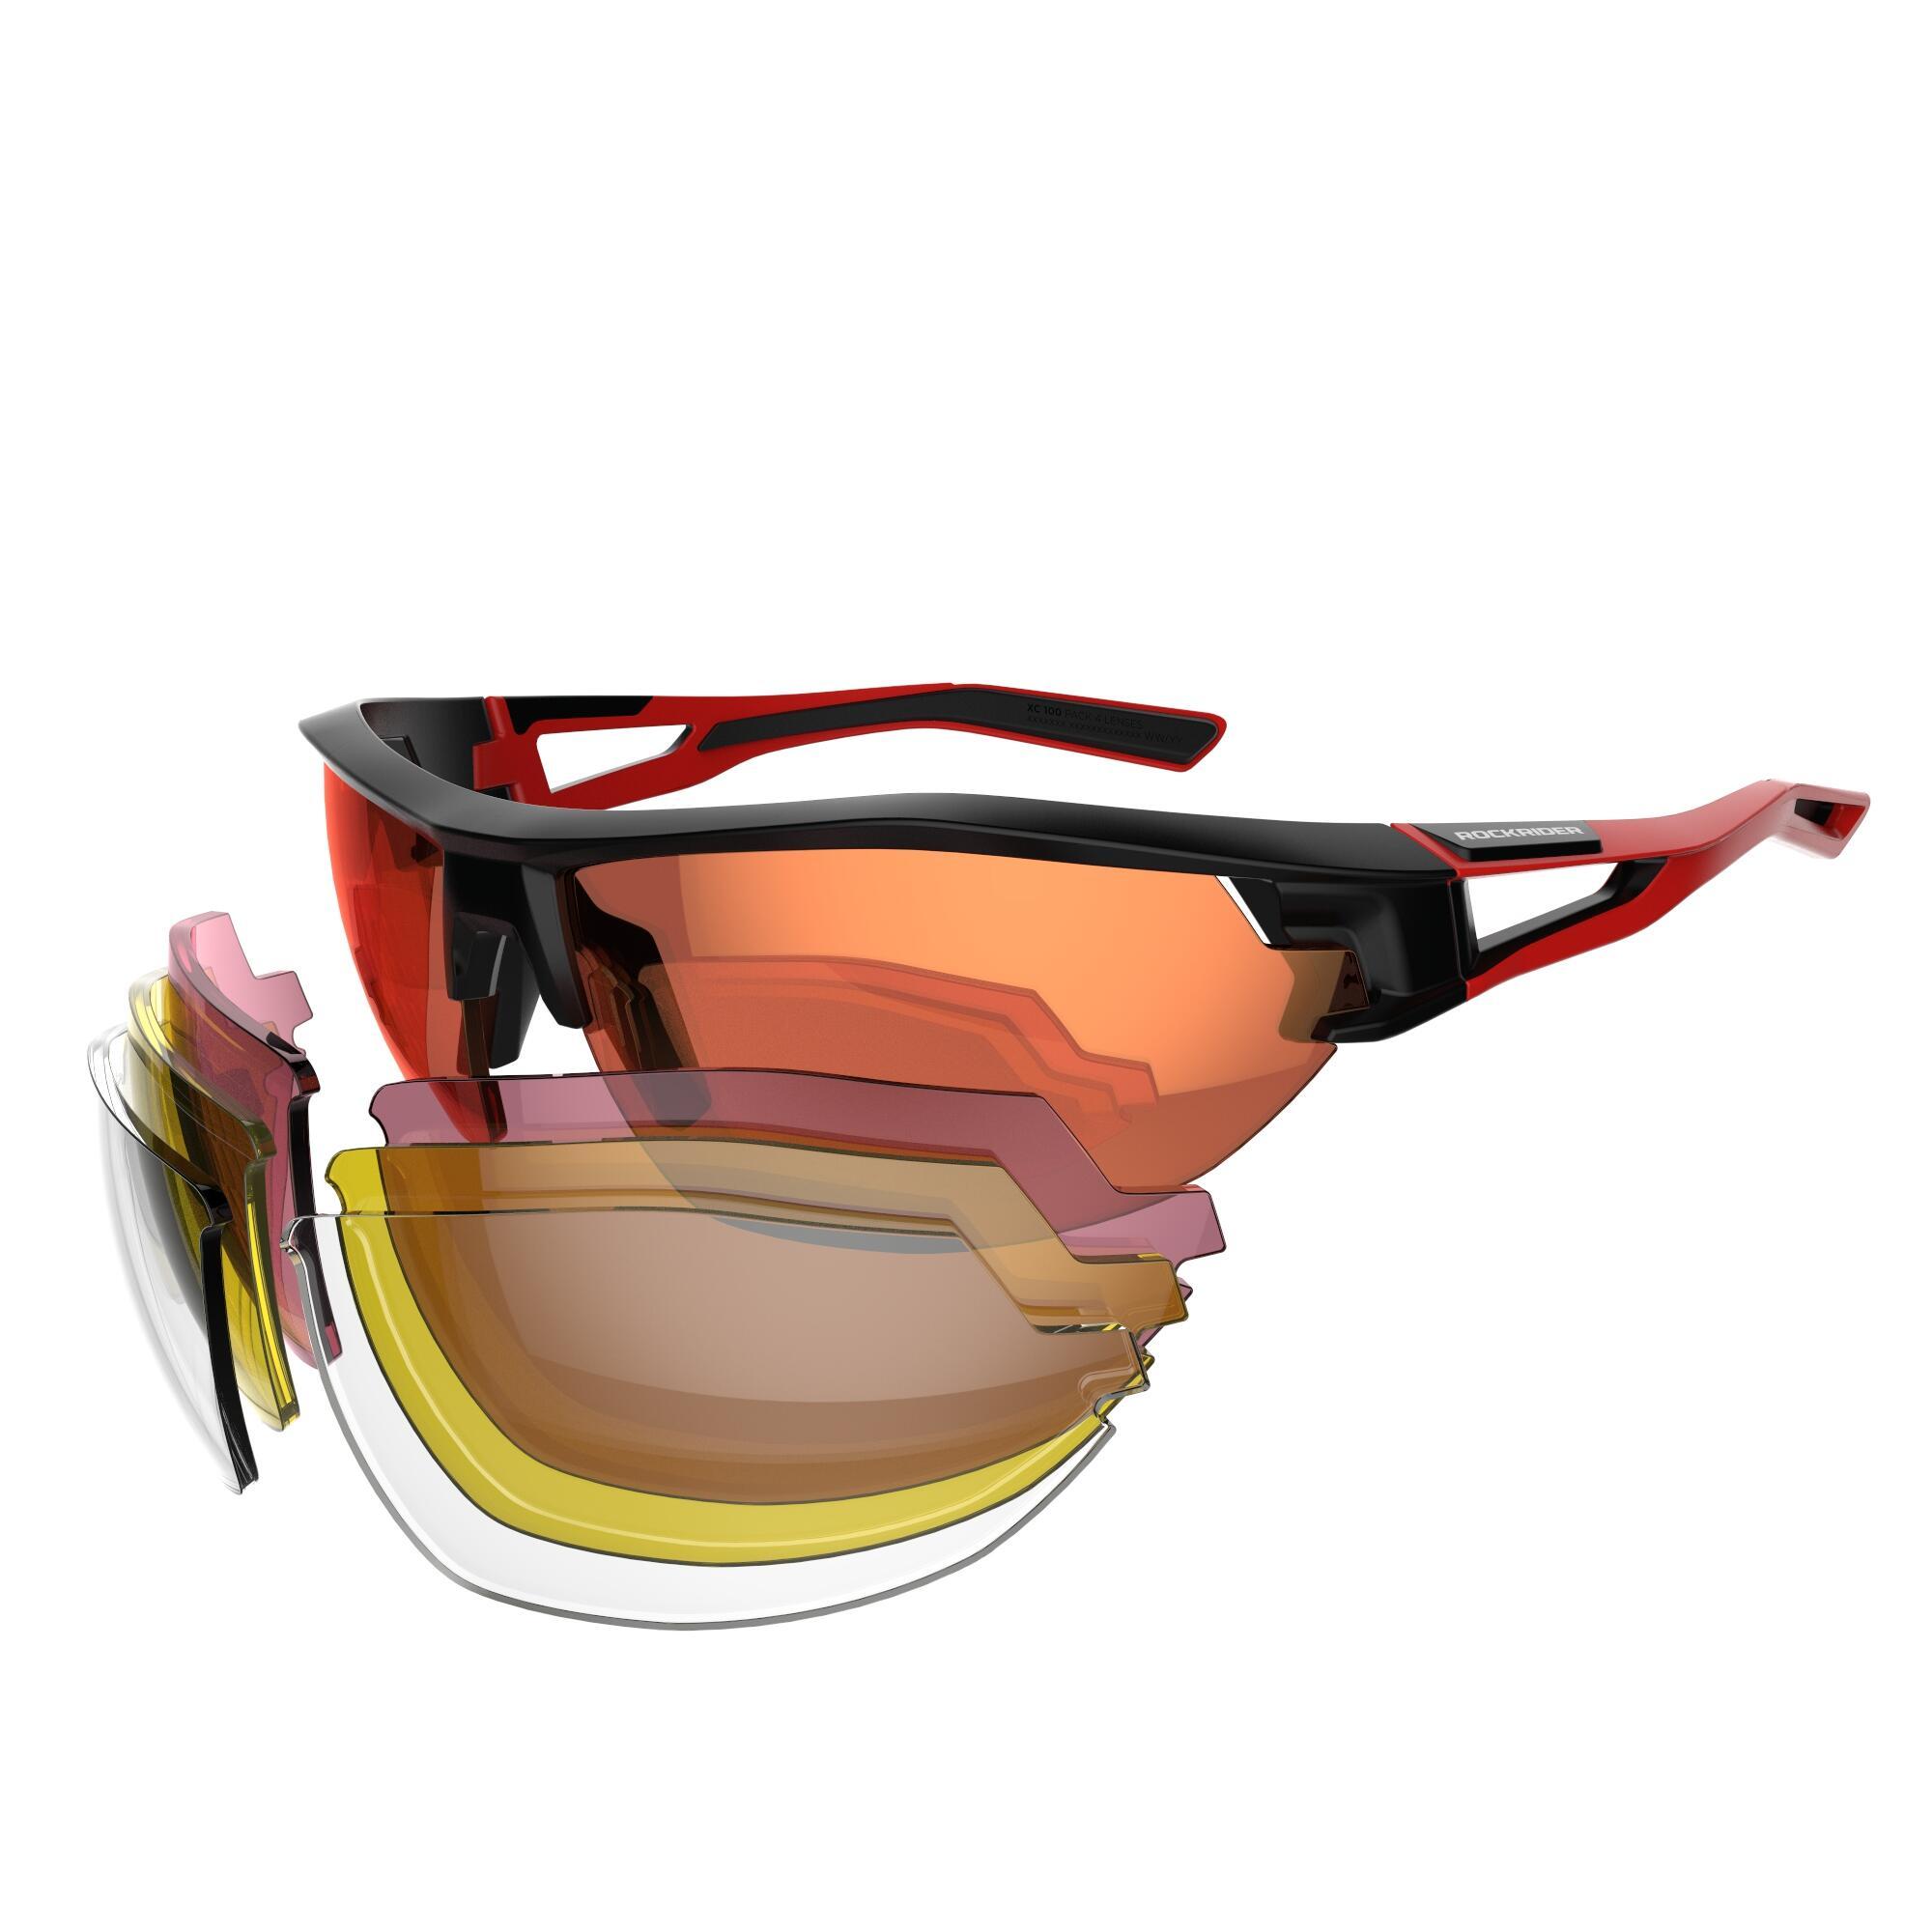 B'twin Fietsbril voor volwassenen XC 100 zwart en rood pack 4 verwisselbare glazen